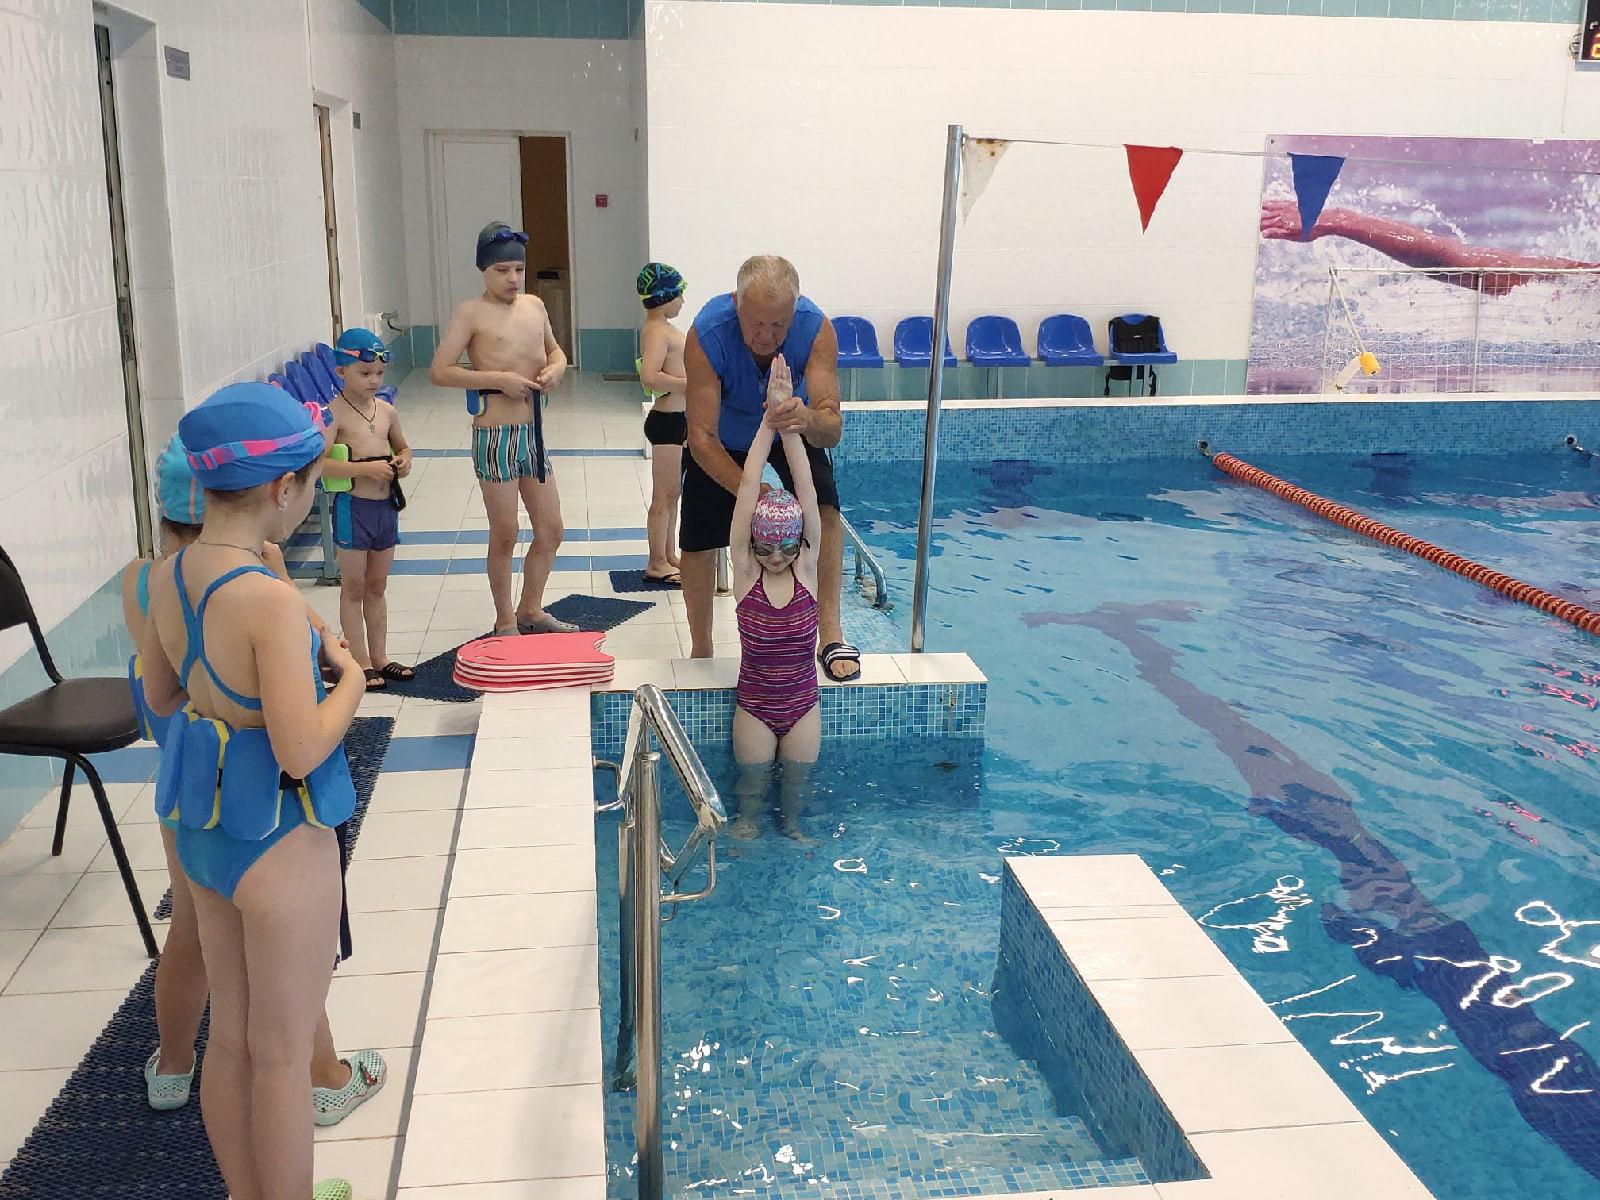 В связи с популярностью занятий групп детского оздоровительного плавания, администрацией Дворца спорта «Ока» принято решение организовать дополнительную, шестую группу.